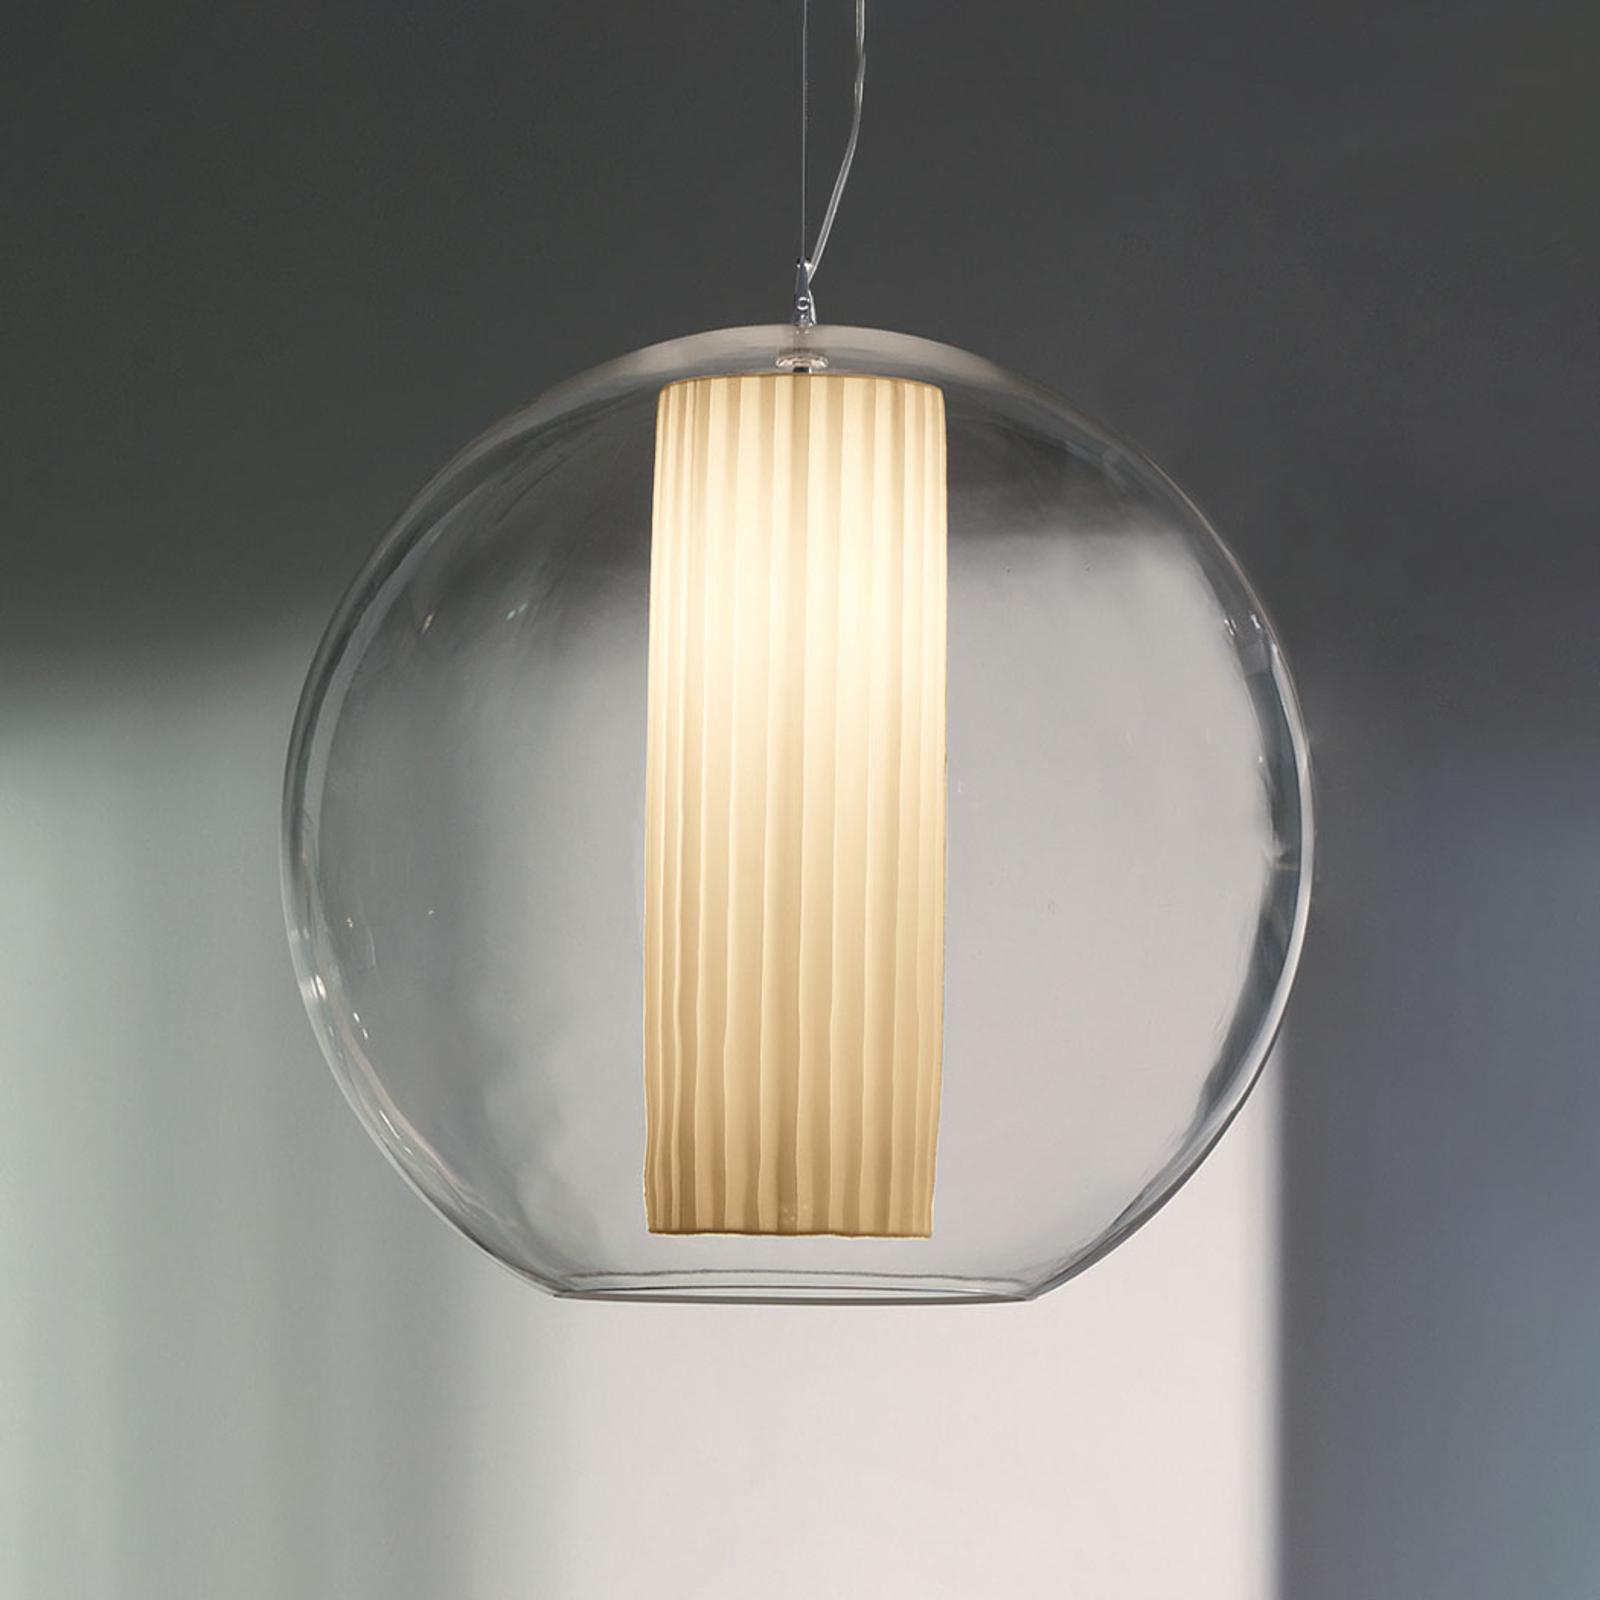 Modo Luce Bolla riippuvalaisin, valkoinen Ø 50 cm